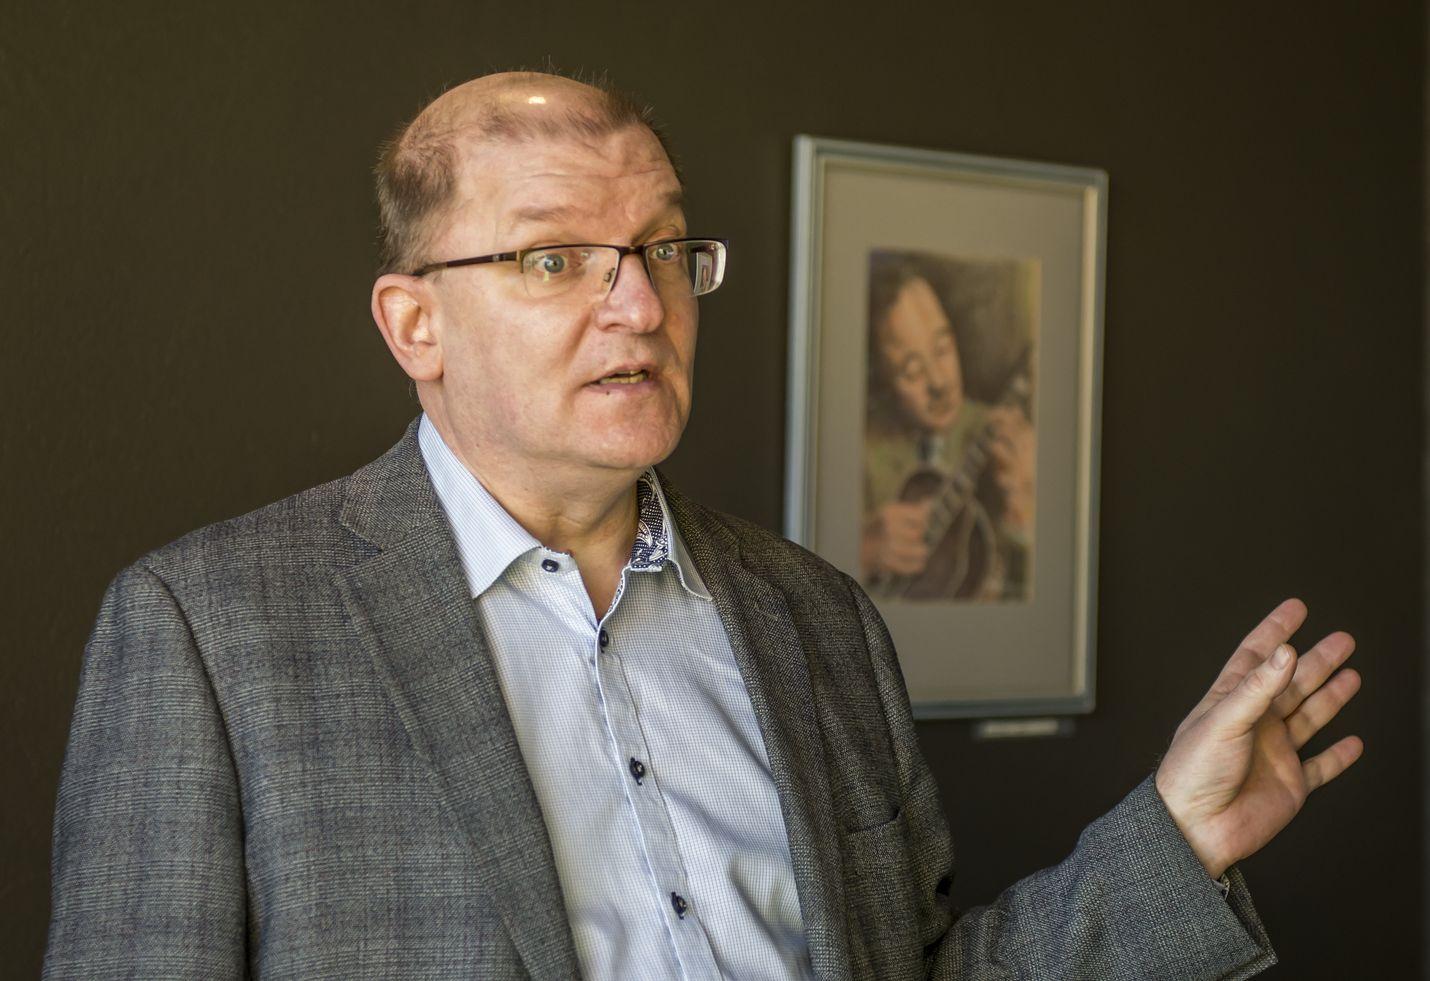 Metalliliiton puheenjohtajan Riku Aallon mukaan SAK:laisilla liitoilla ei tällä hetkellä ole luottamusta hallitukseen, mikä hankaloittaa yhteiskuntasopimuksen syntymistä.